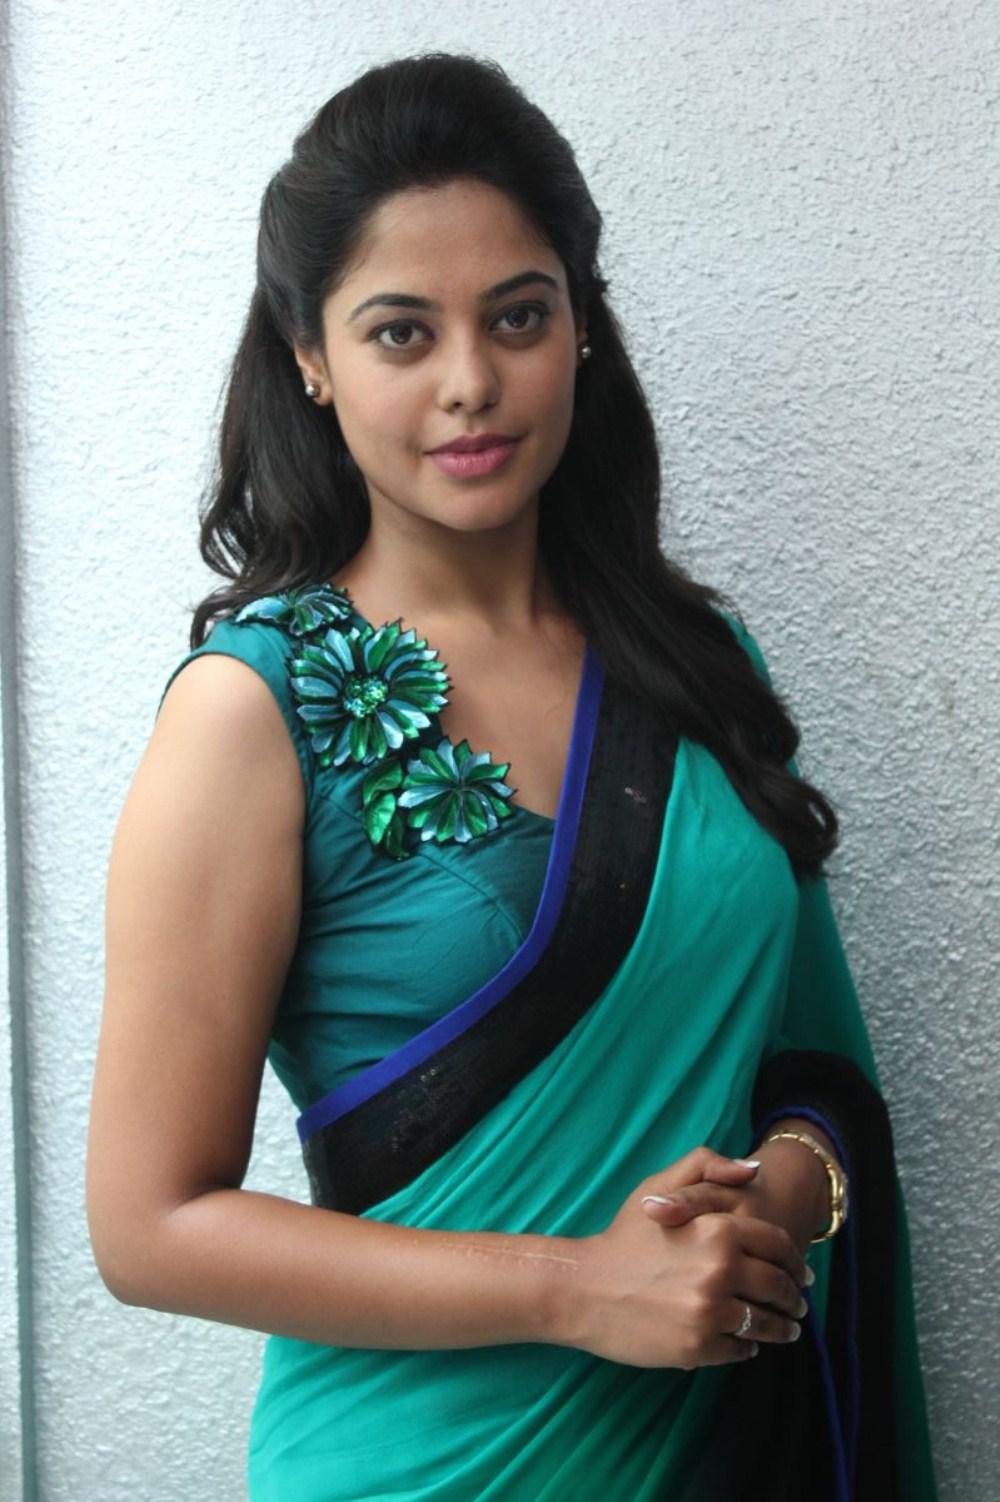 1000 x 1502 jpeg 240kB, Tamil Blue Film Actress Raja tamil film press ...